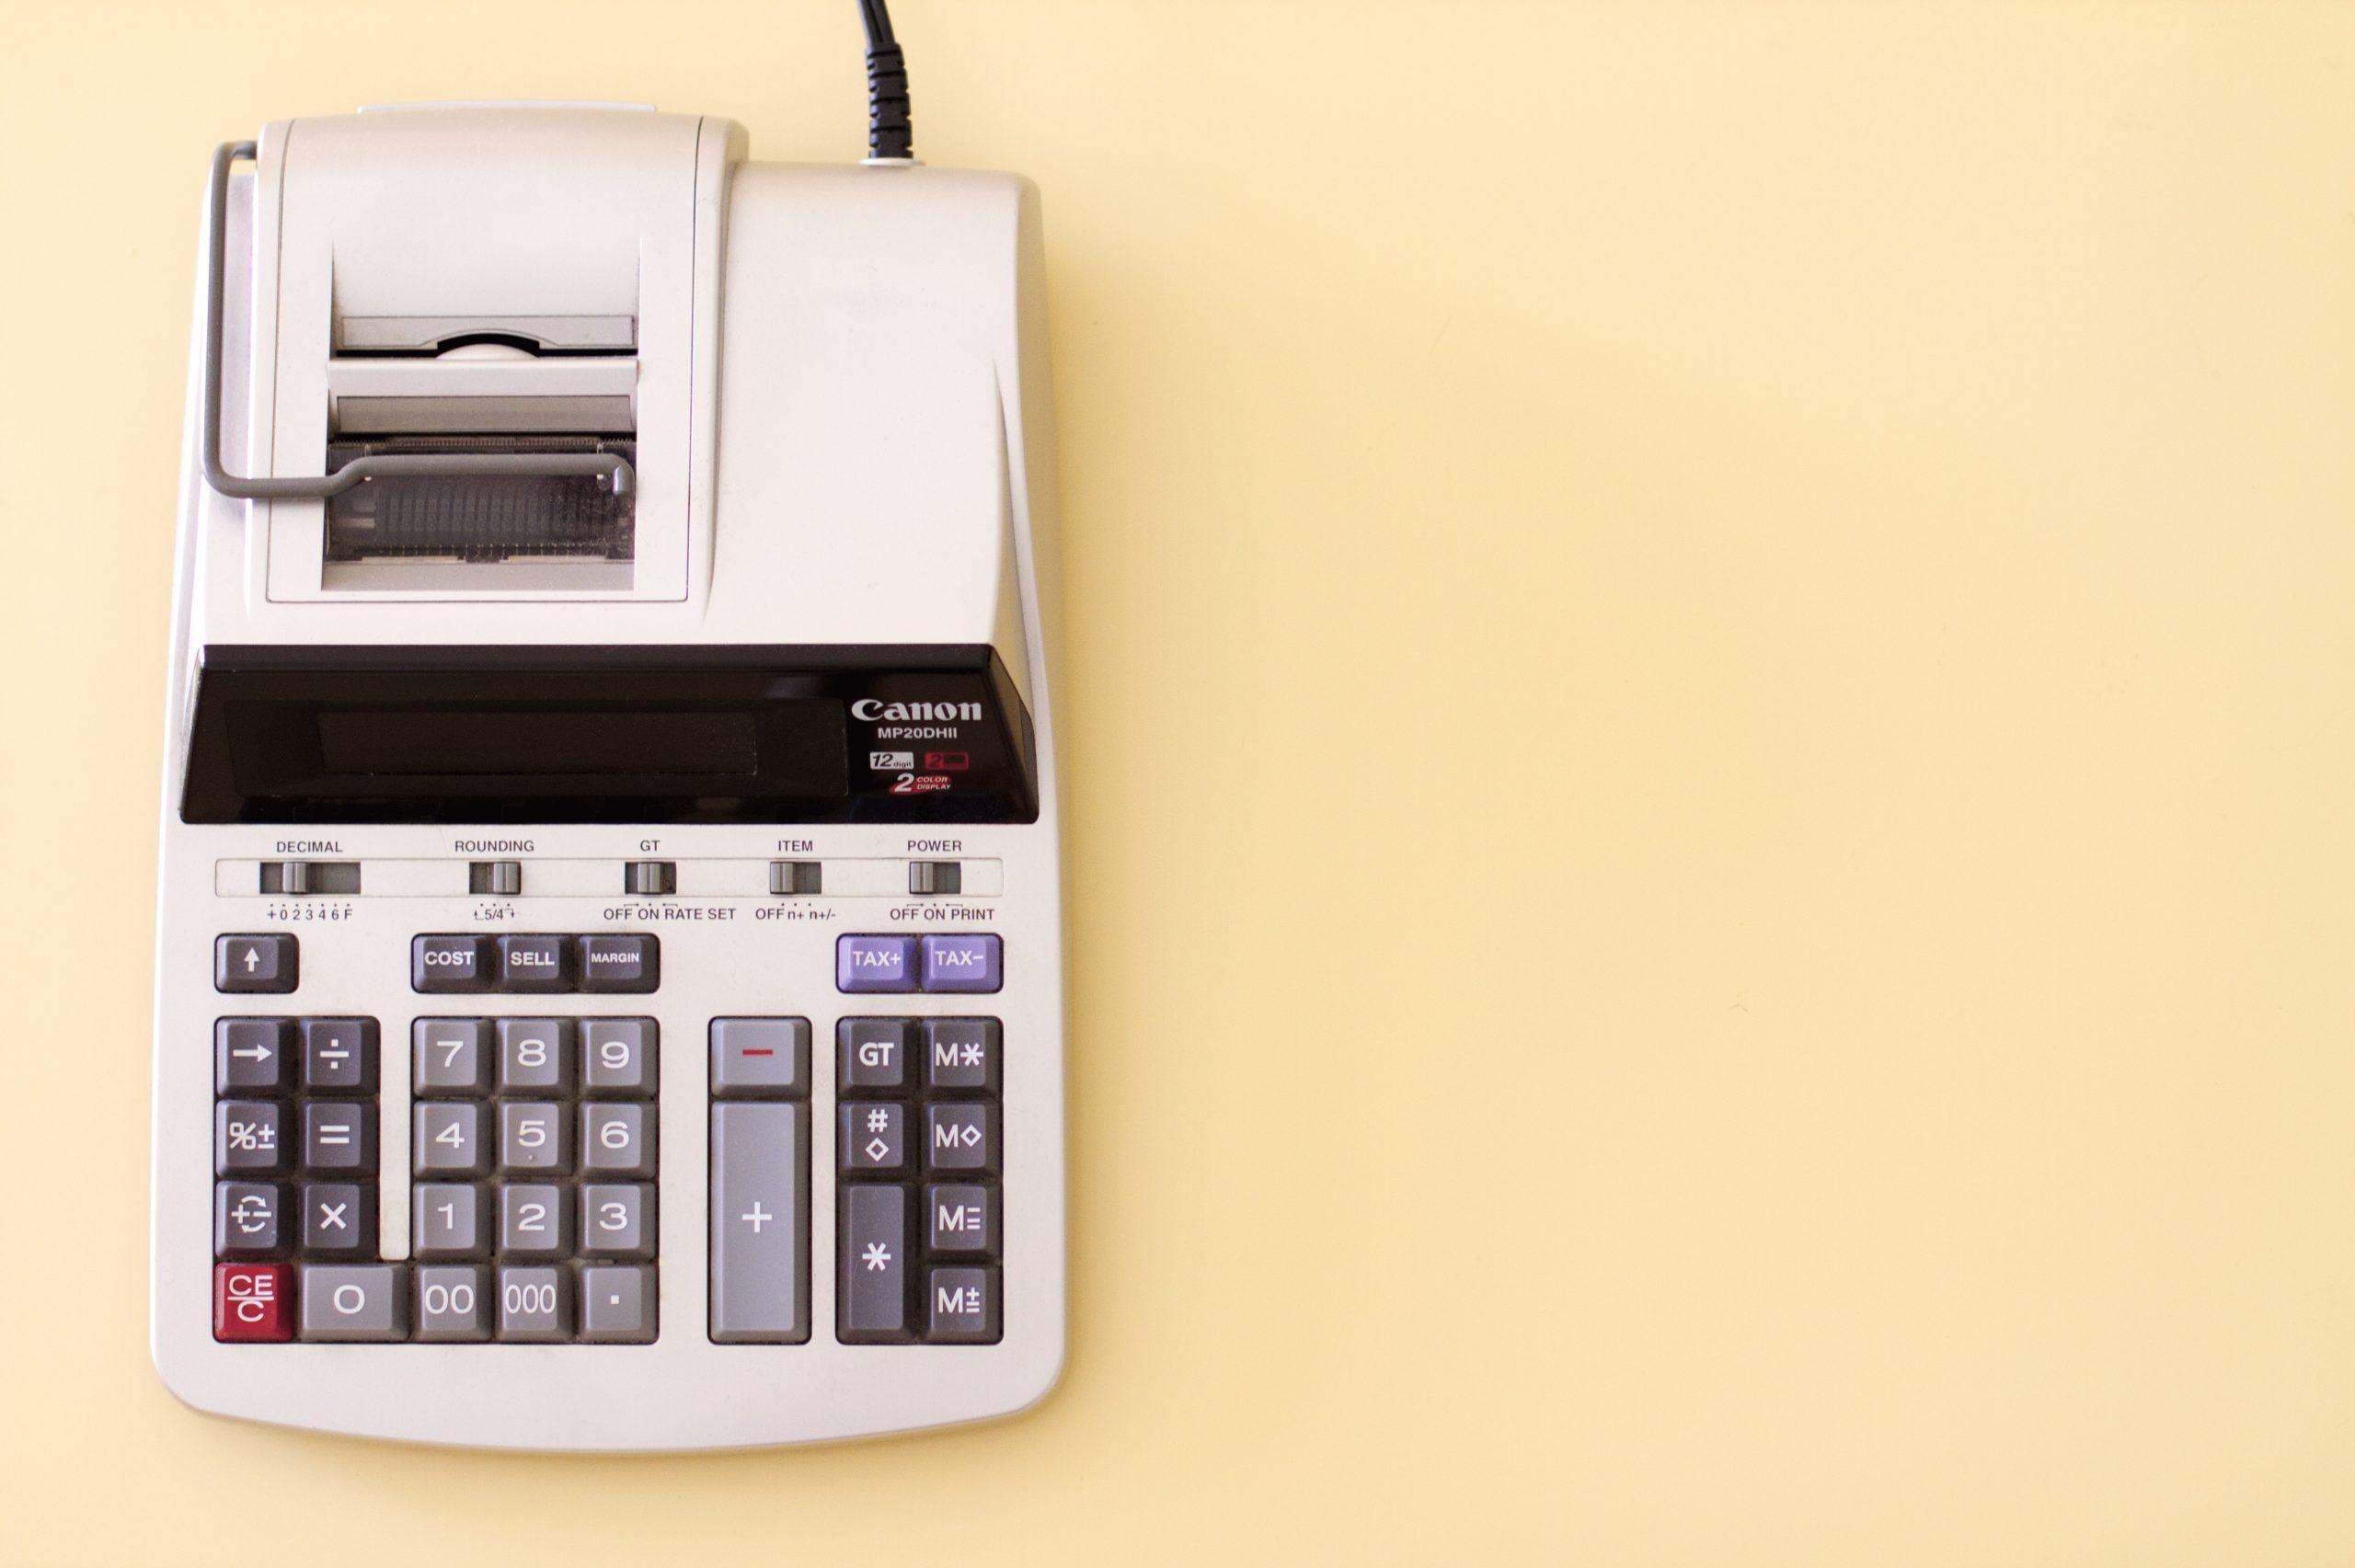 Over 50 mortgage calculator